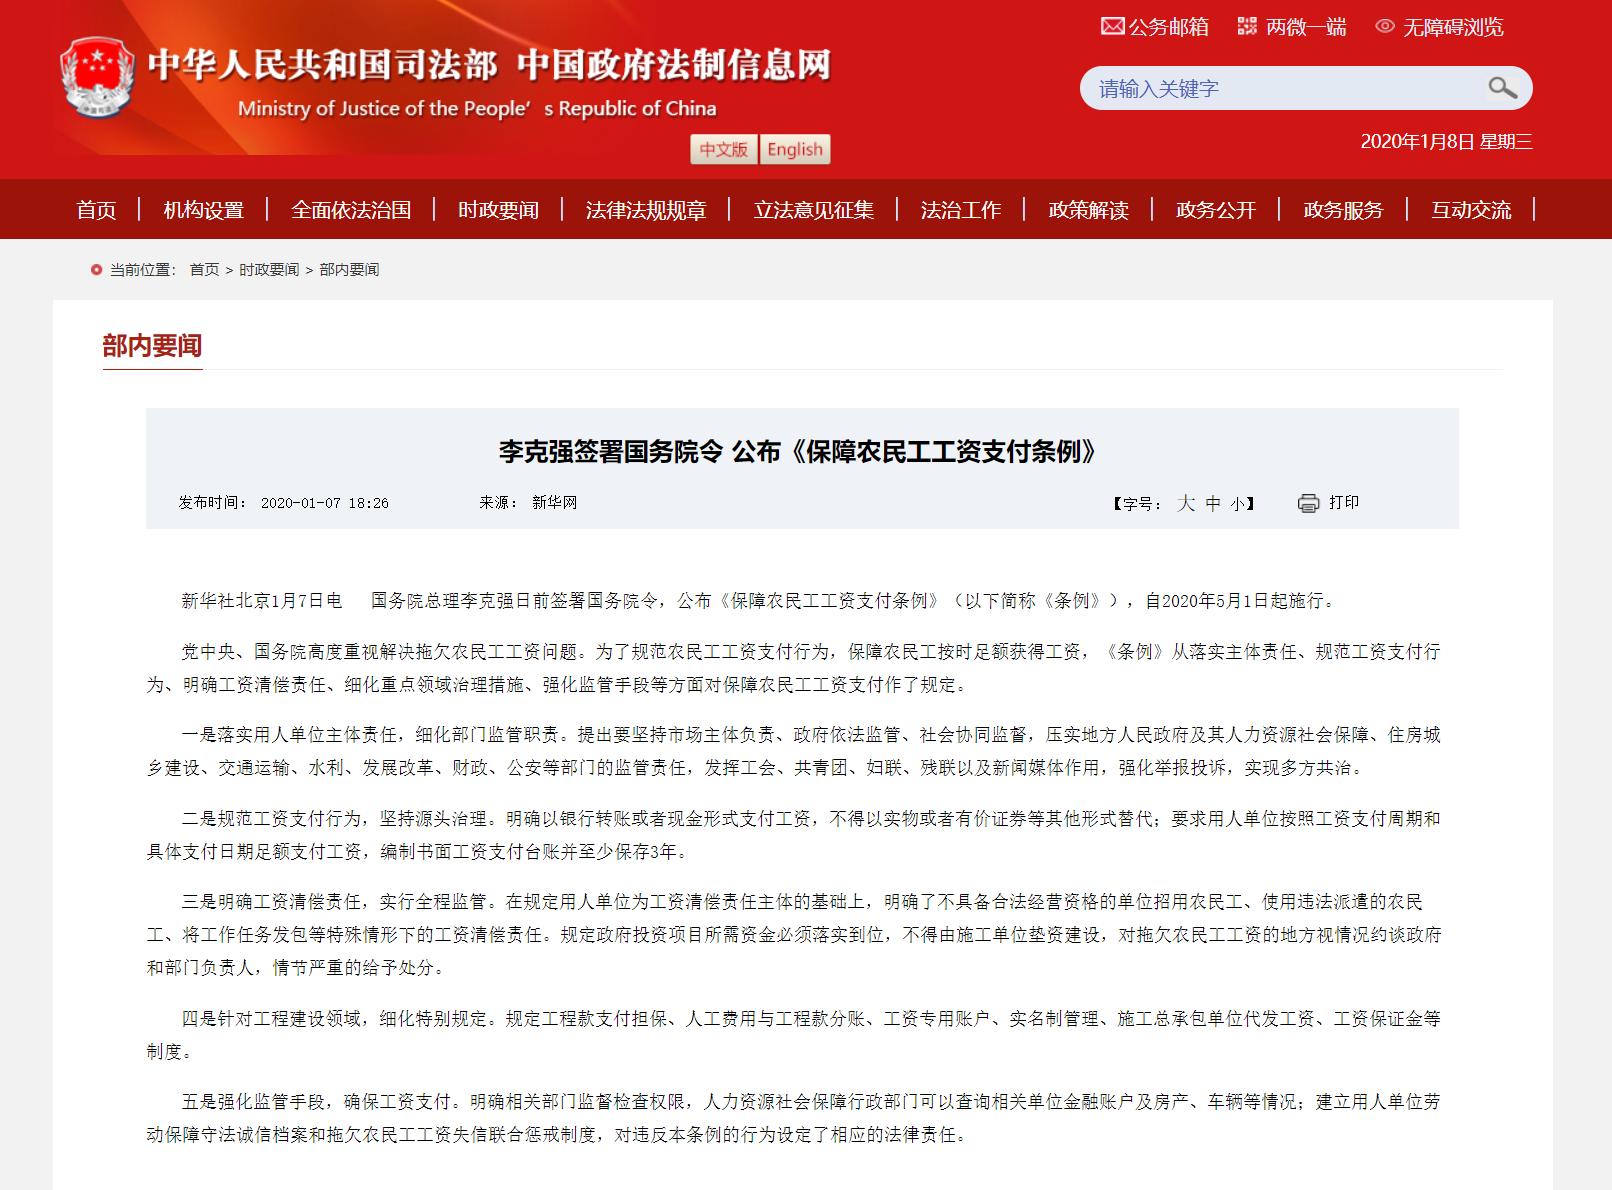 李克强签署国务院令 公布《保障农民工工资支付条例》农民工工资得到法律保障!